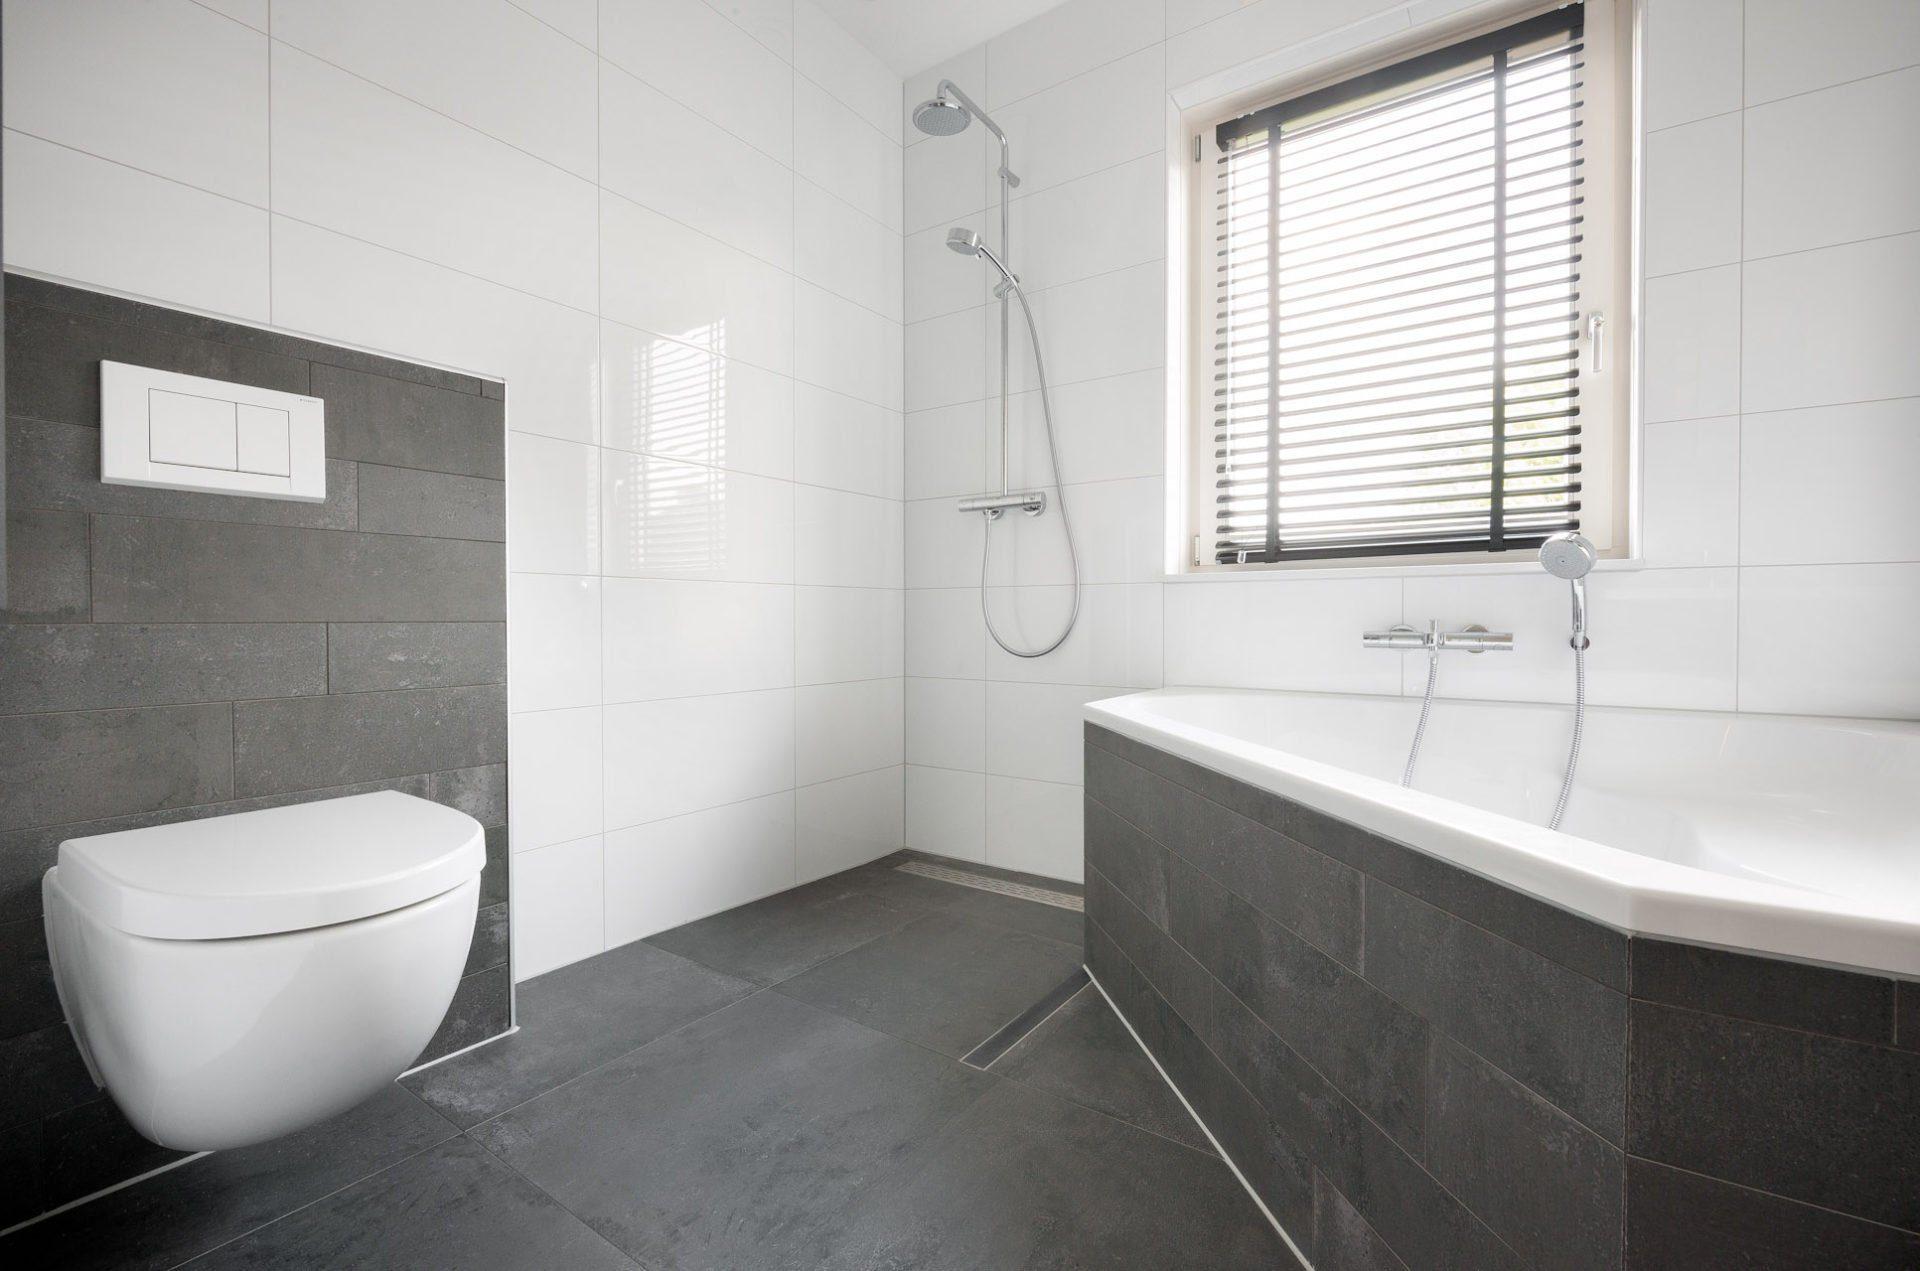 Tegelstroken een tegelstrook staat prachtig kroon vloeren - Badkamer wandtegels ...